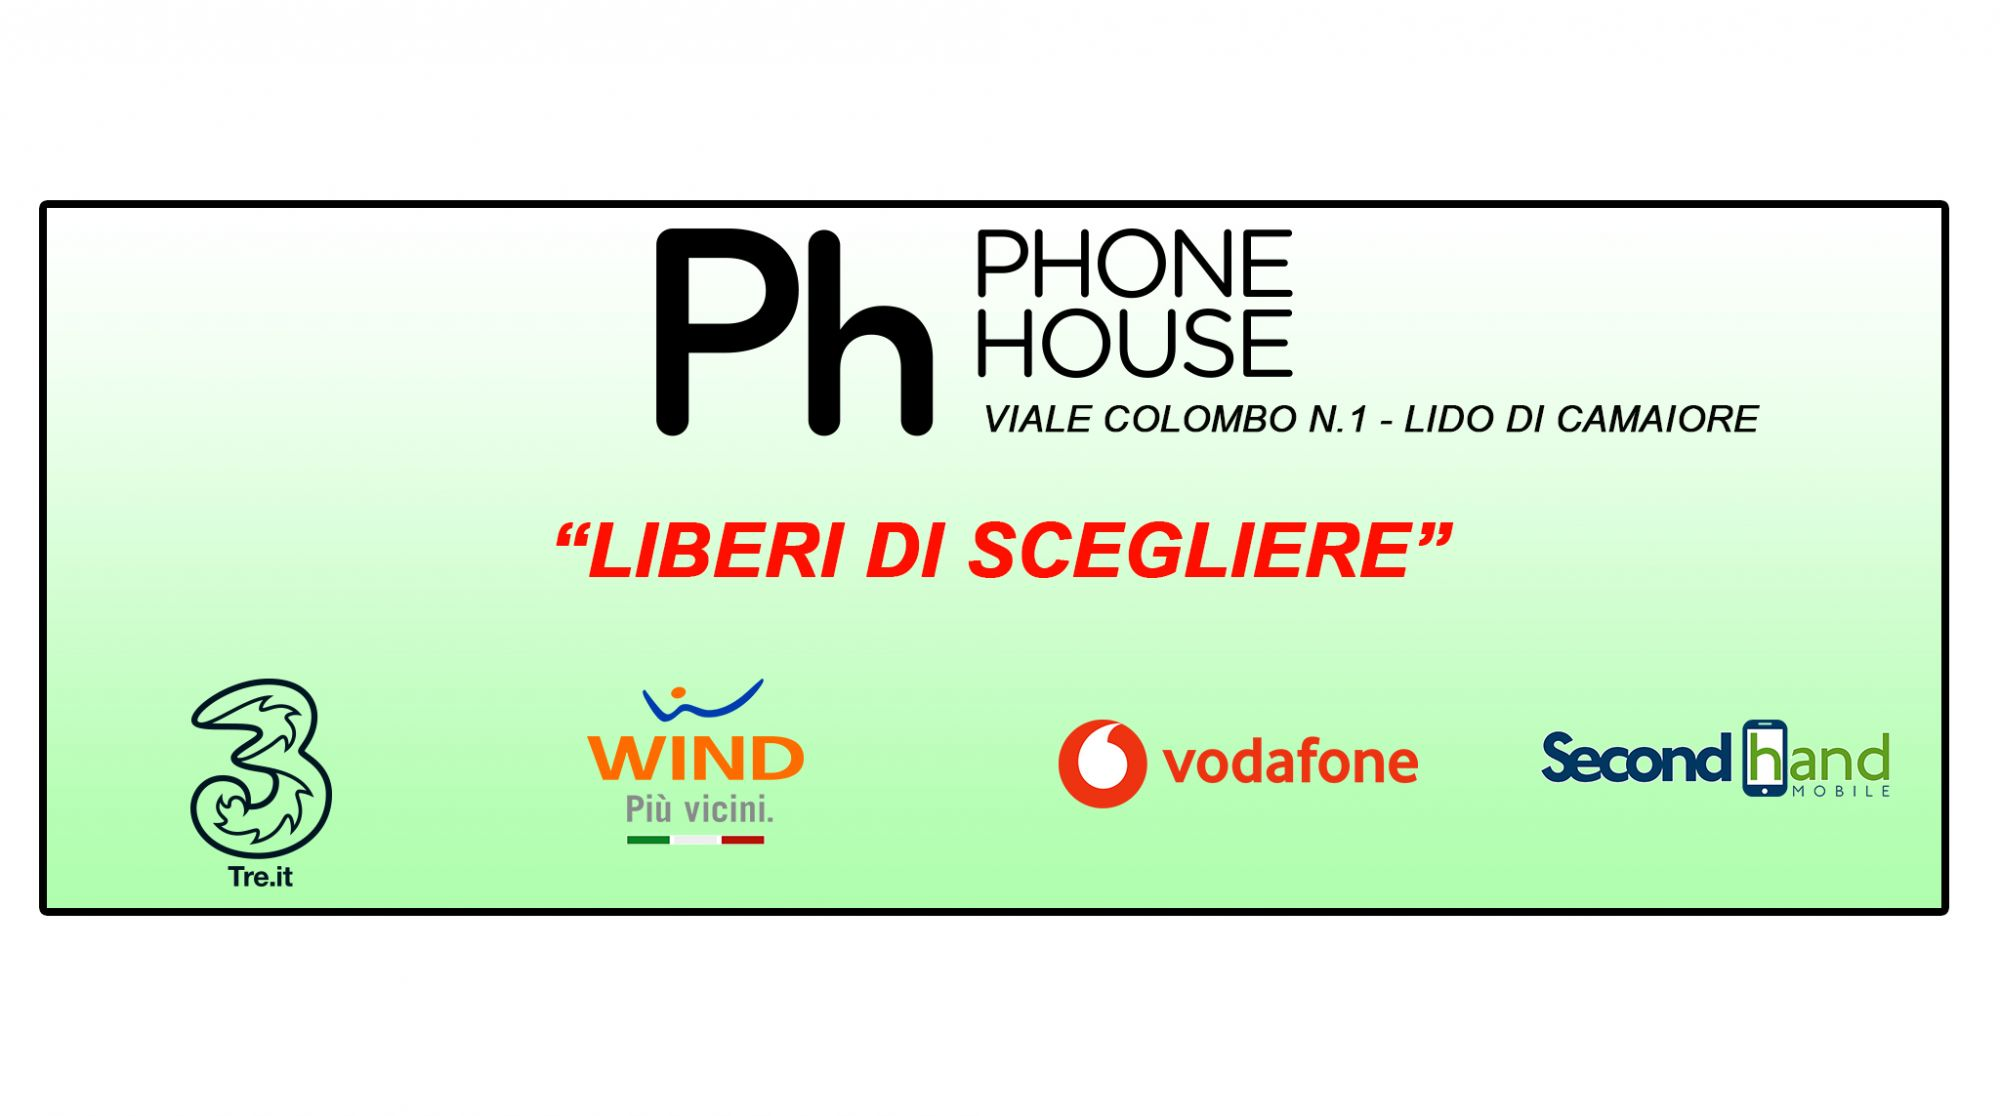 Apre a Lido di Camaiore il nuovo store Phone House